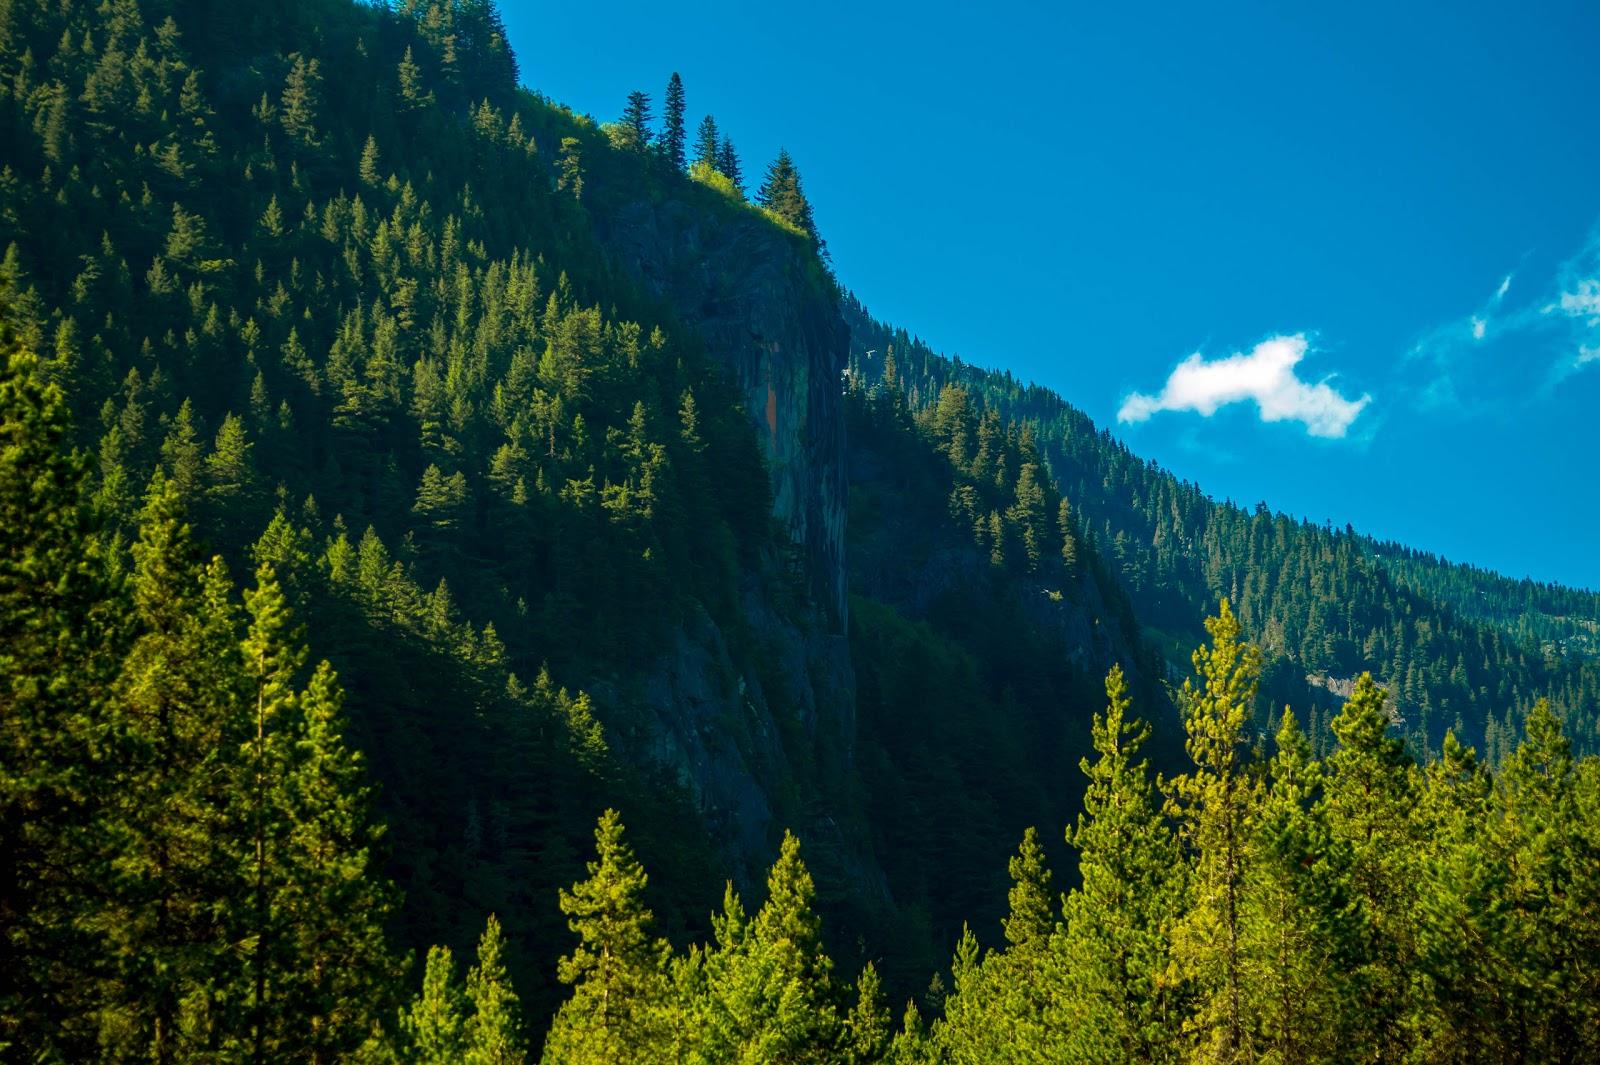 С парковки видно невысокую гору, лесистая тропинка которой выведет нас к озеру.